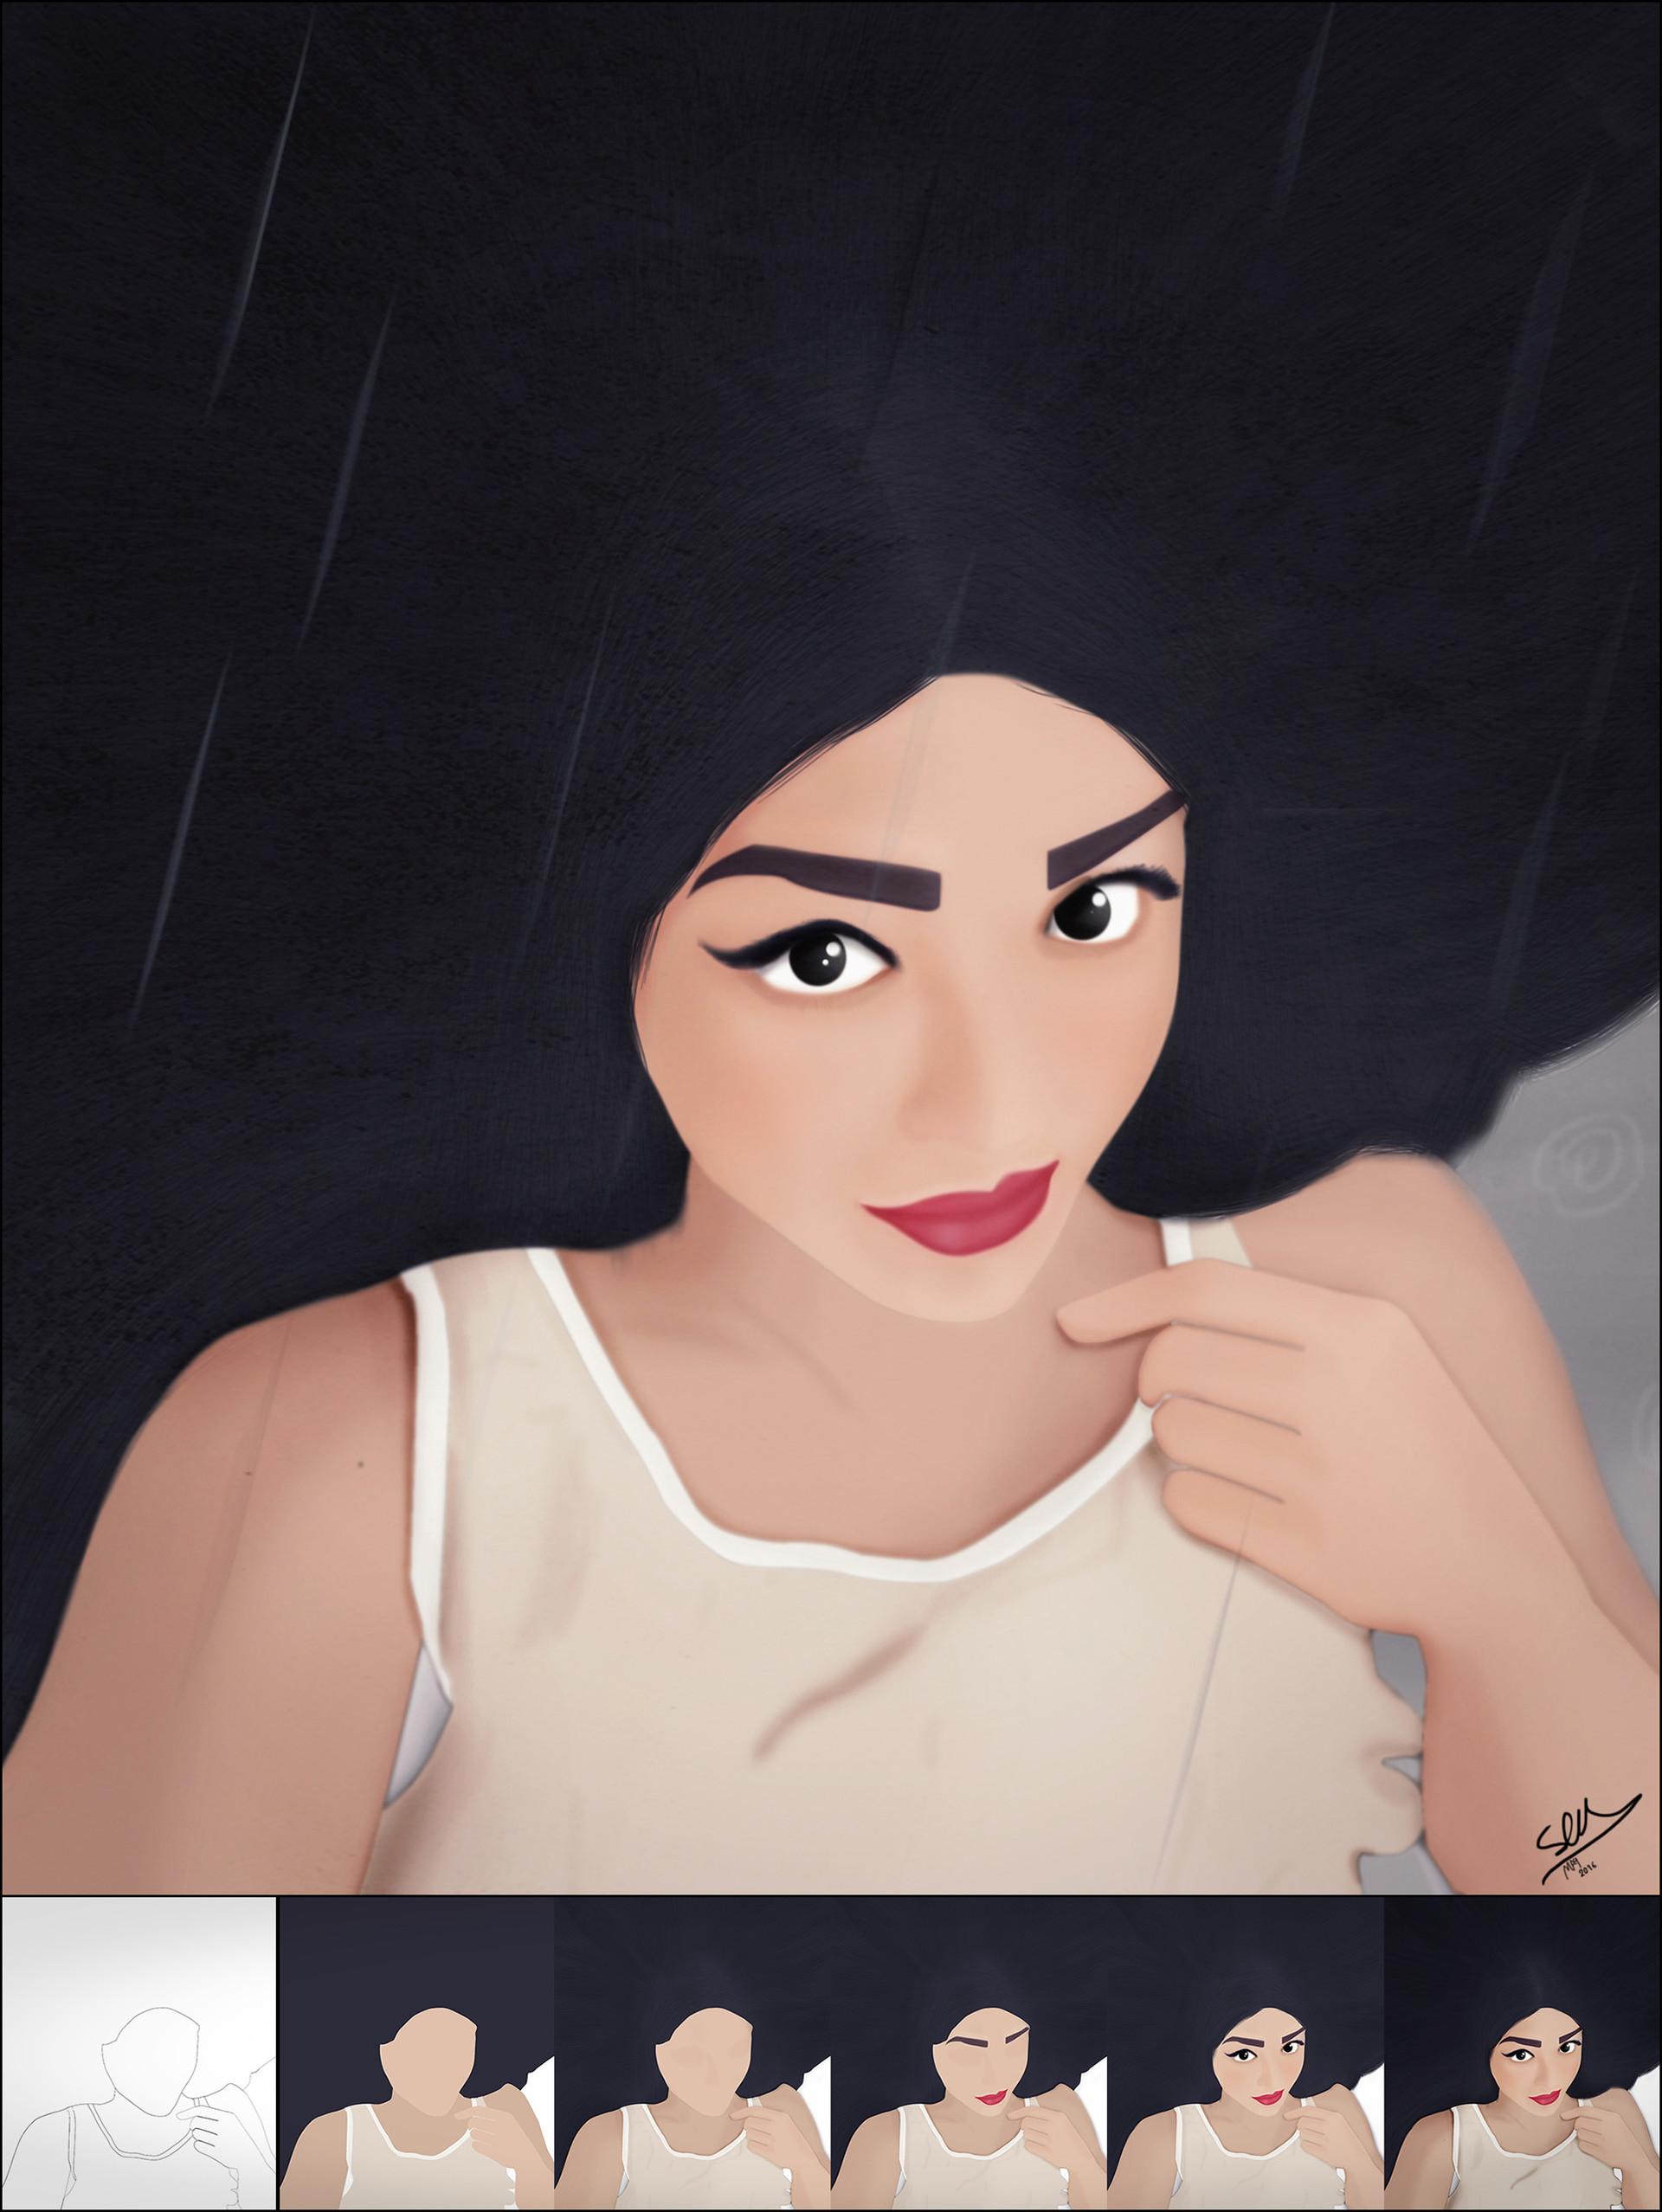 Saman kazemi ida portrait